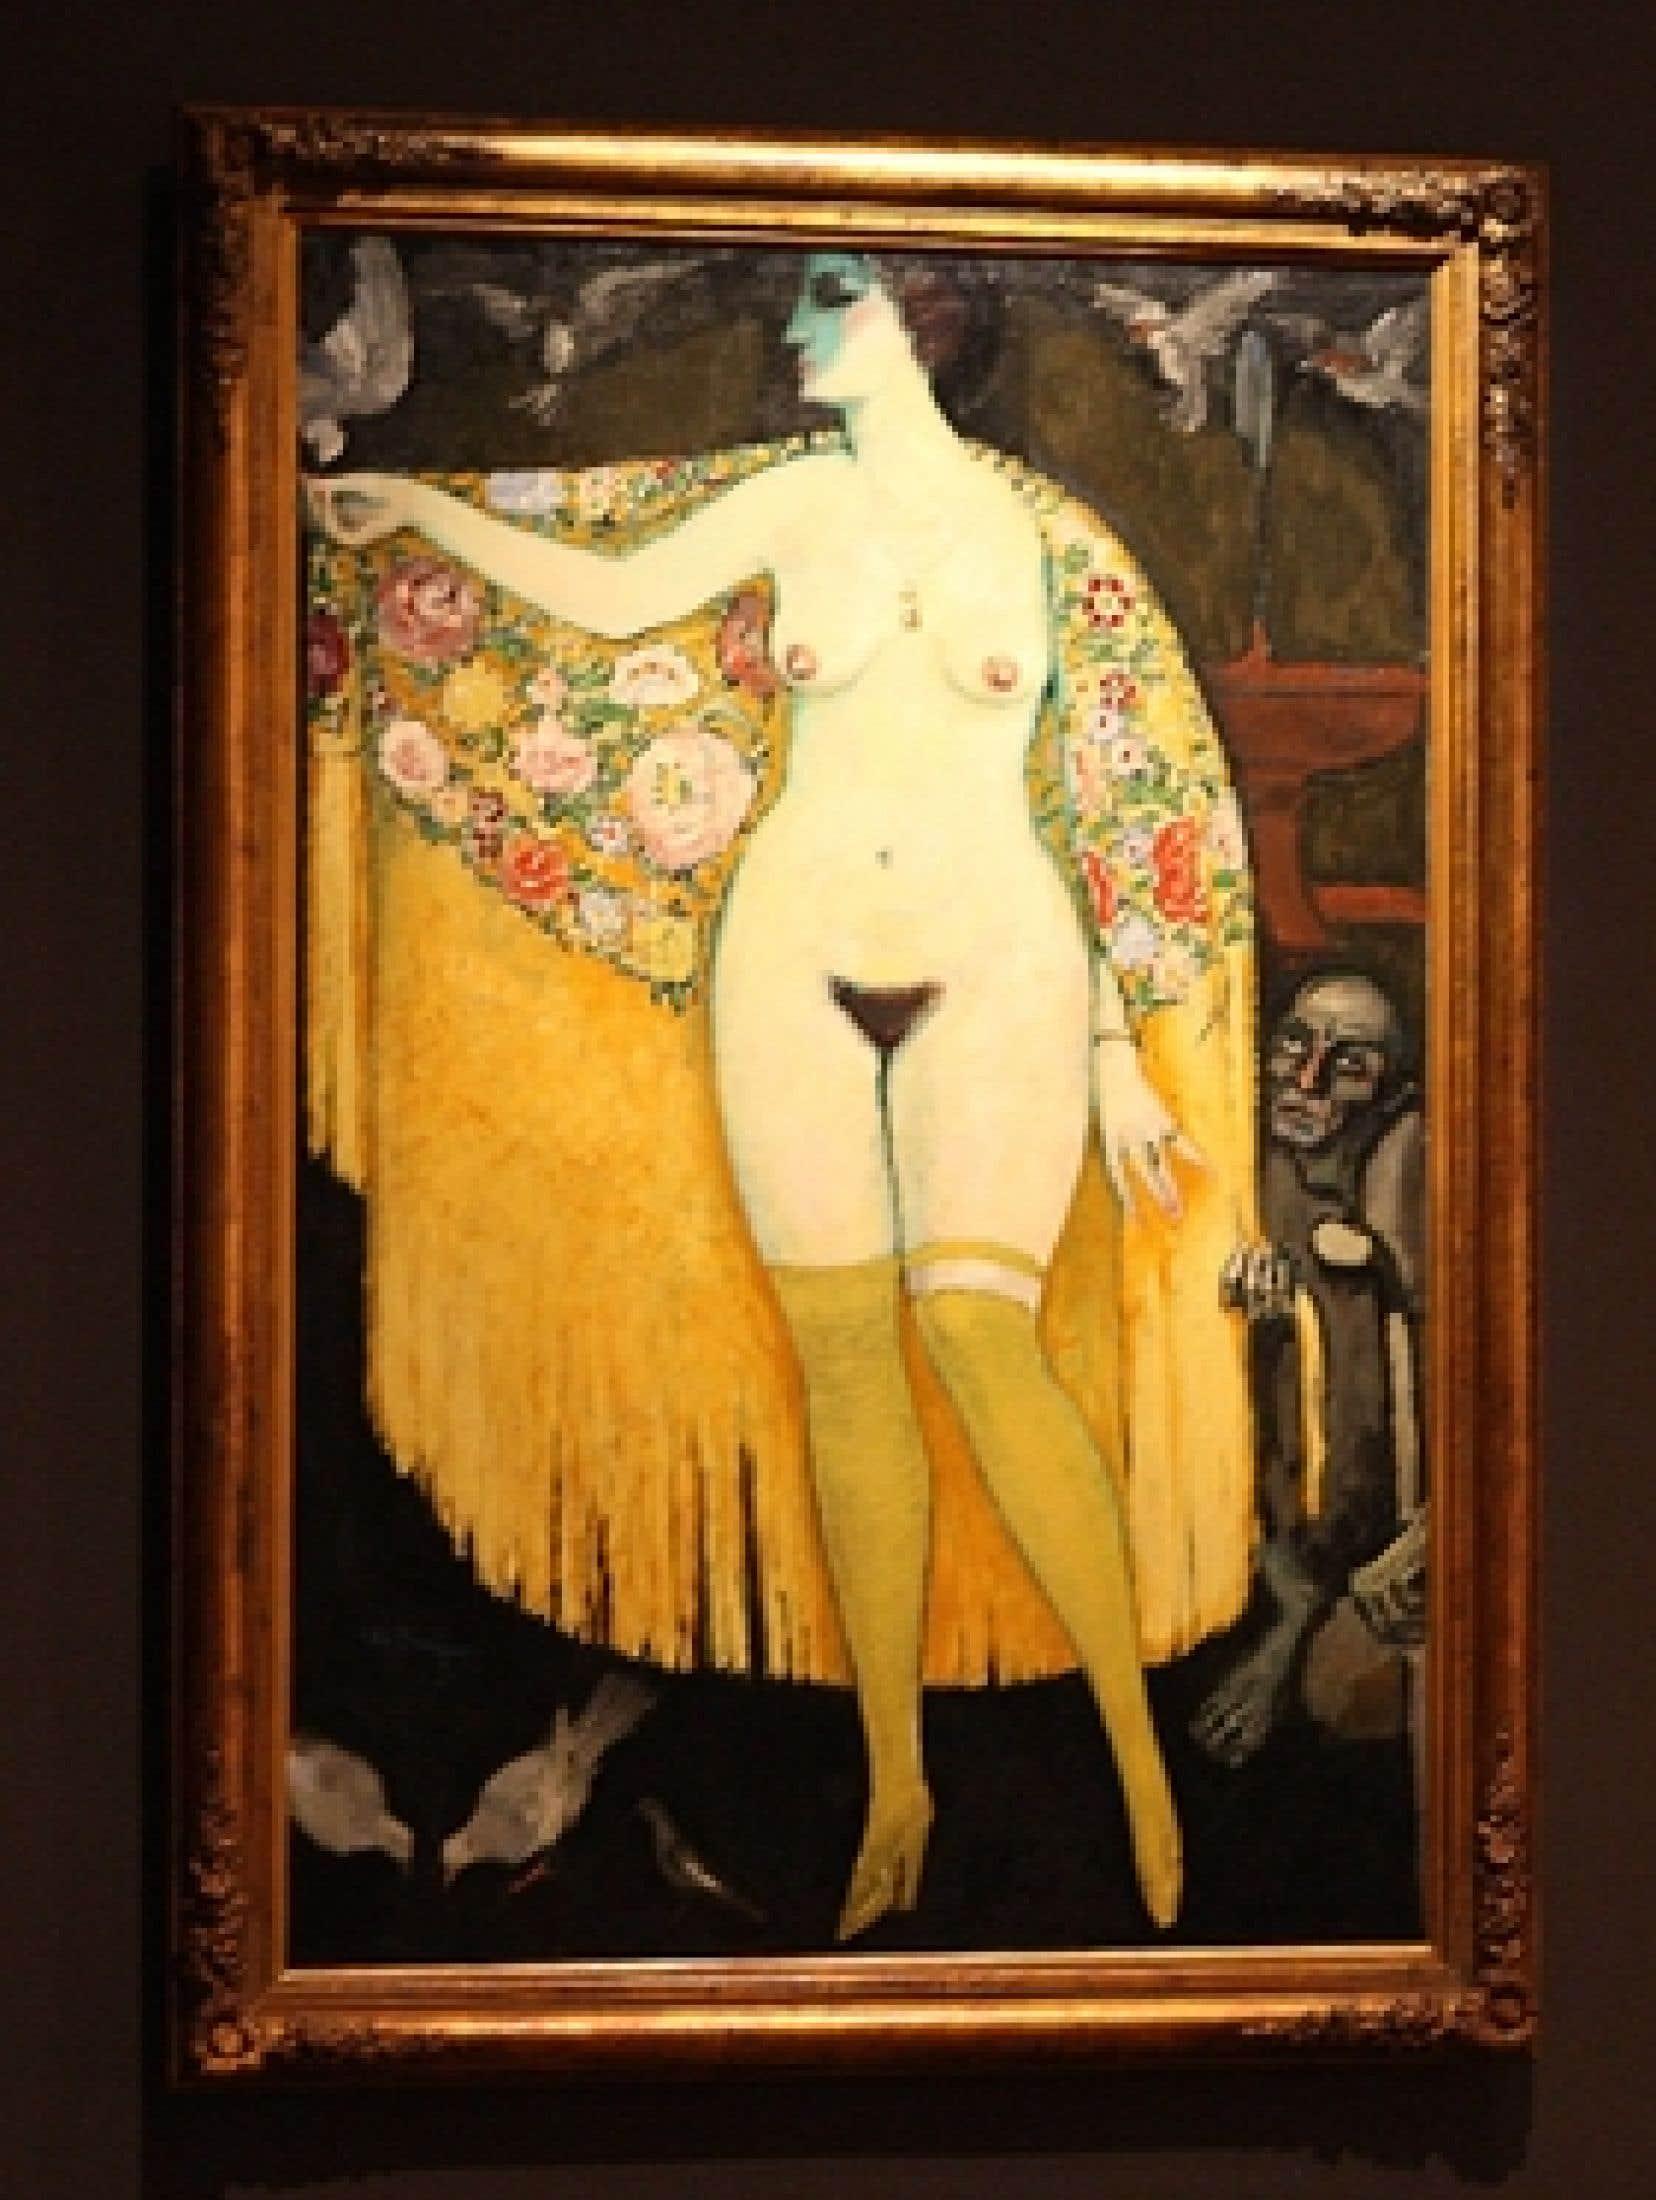 Tableau, 1913, de Kees Van Dongen. Collection du Musée d'art moderne, Centre Georges-Pompidou.